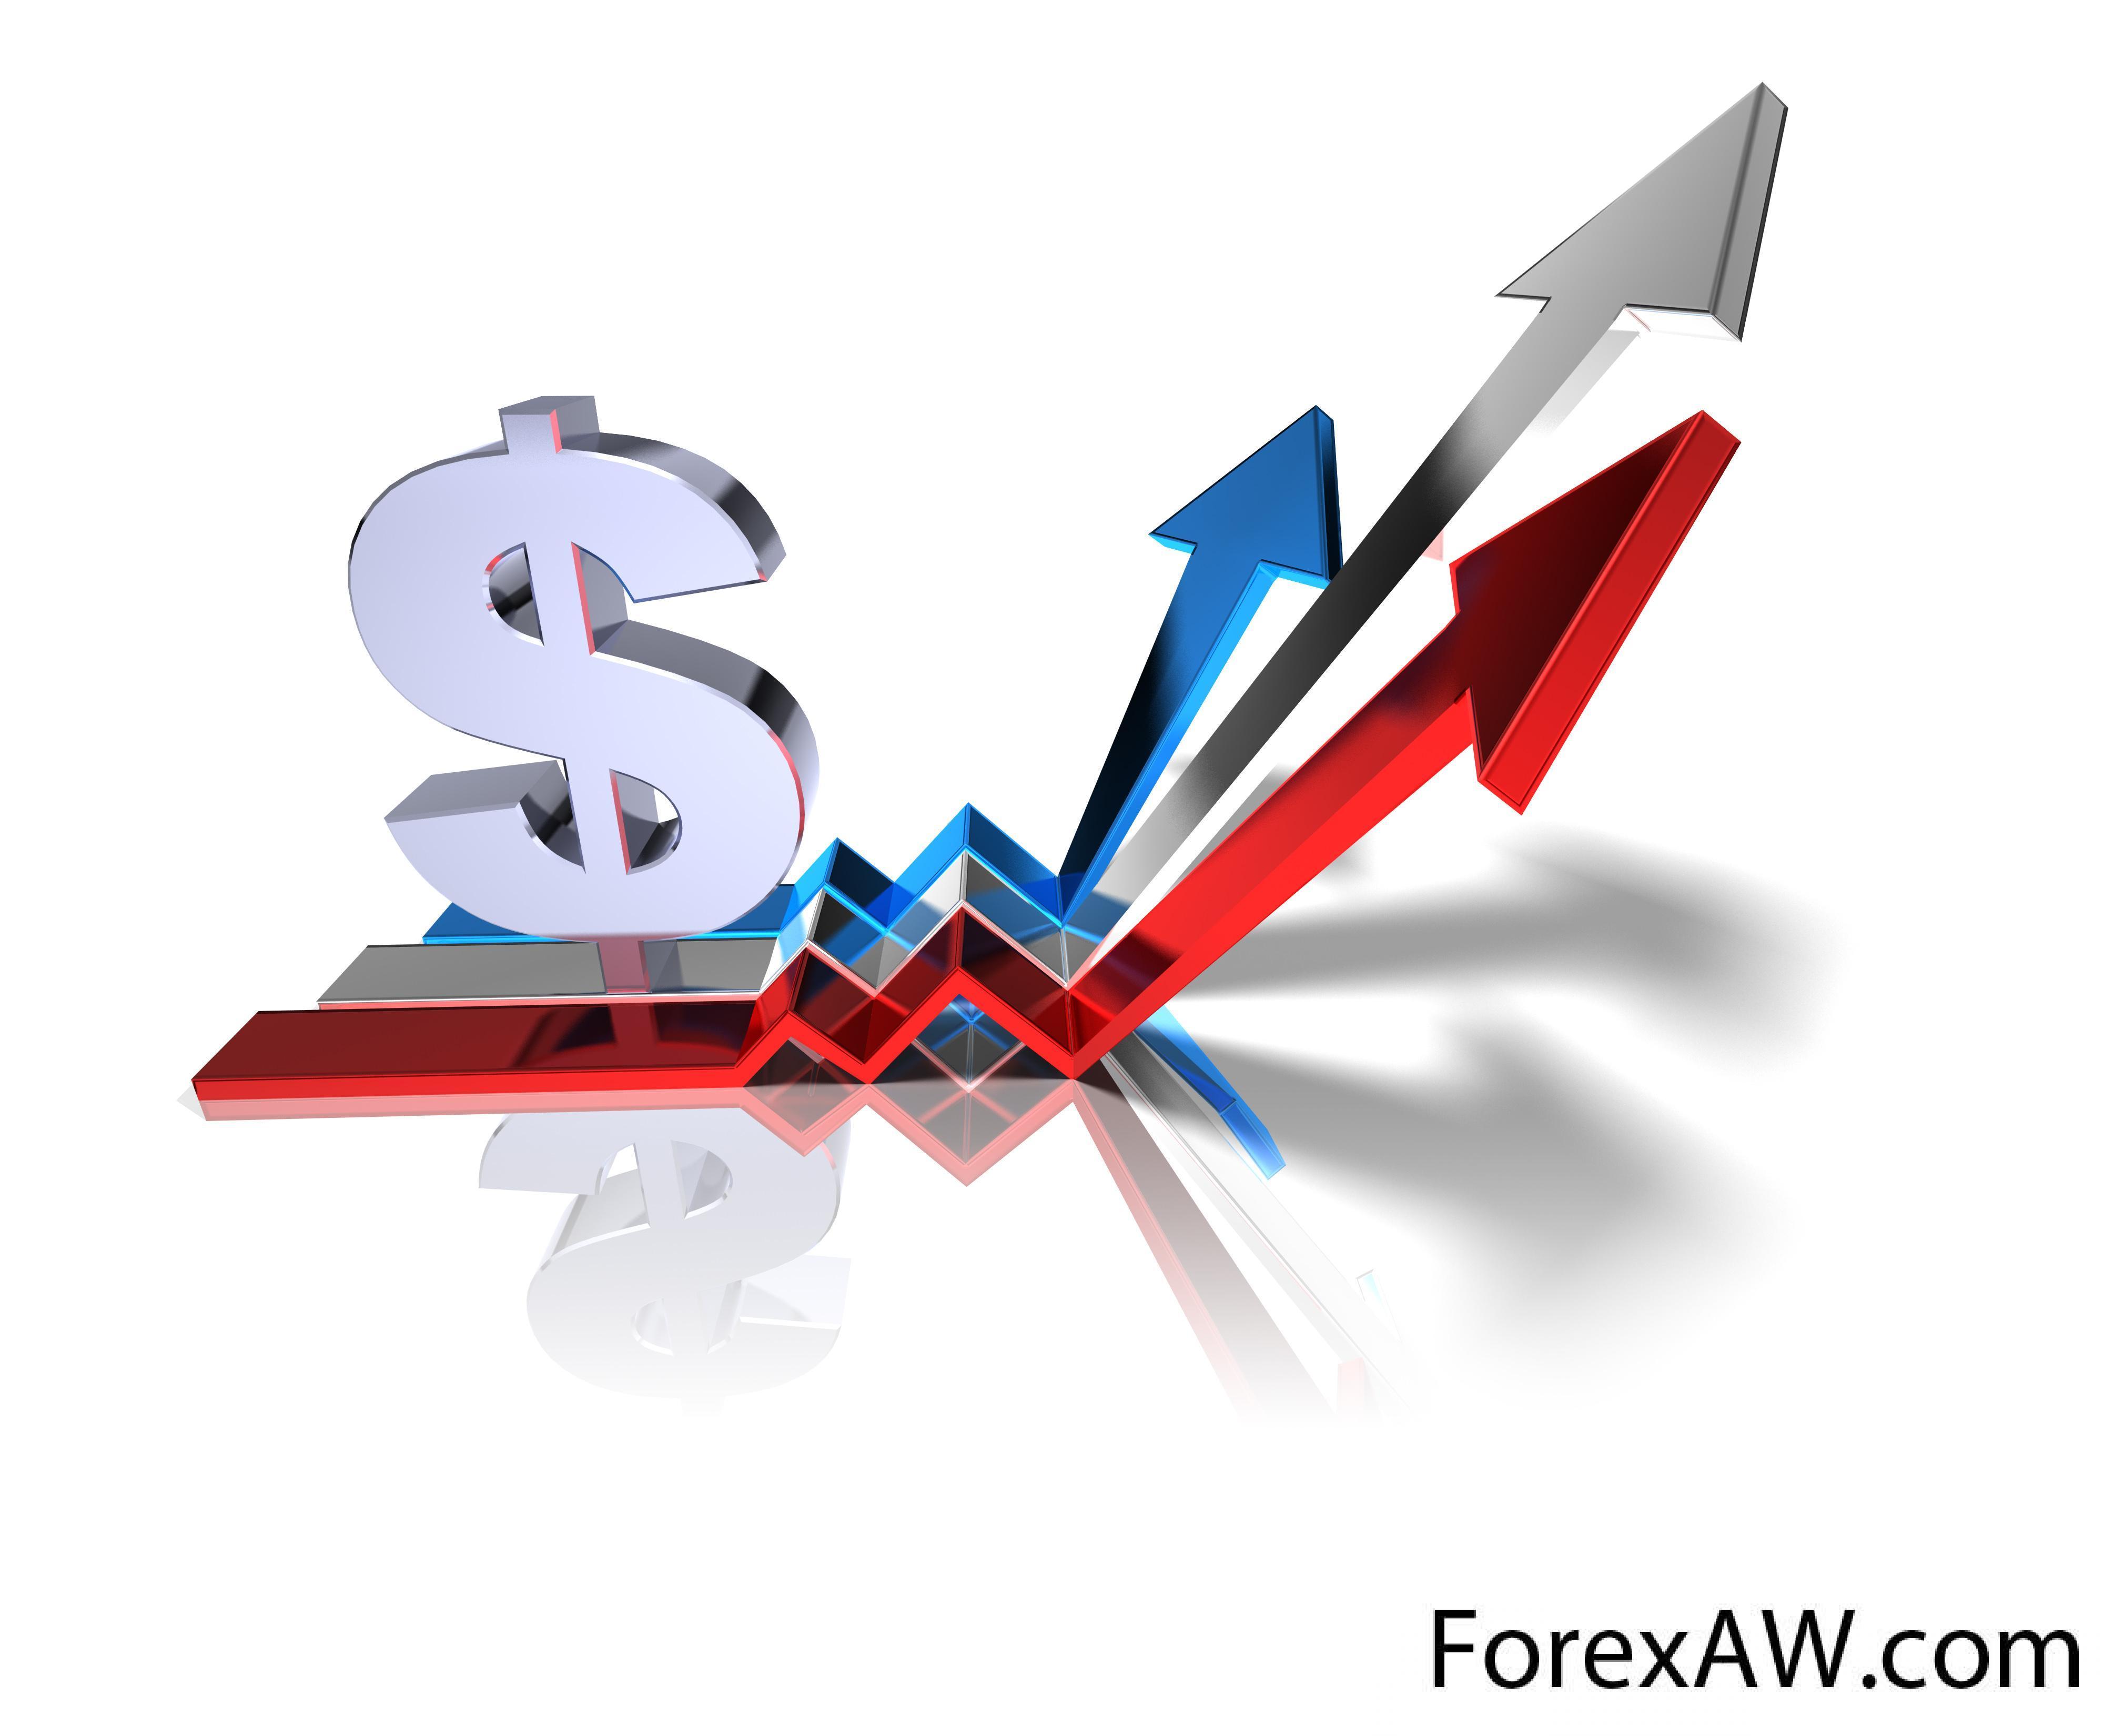 portfólióbefektetés a pénzügyi piacokon)